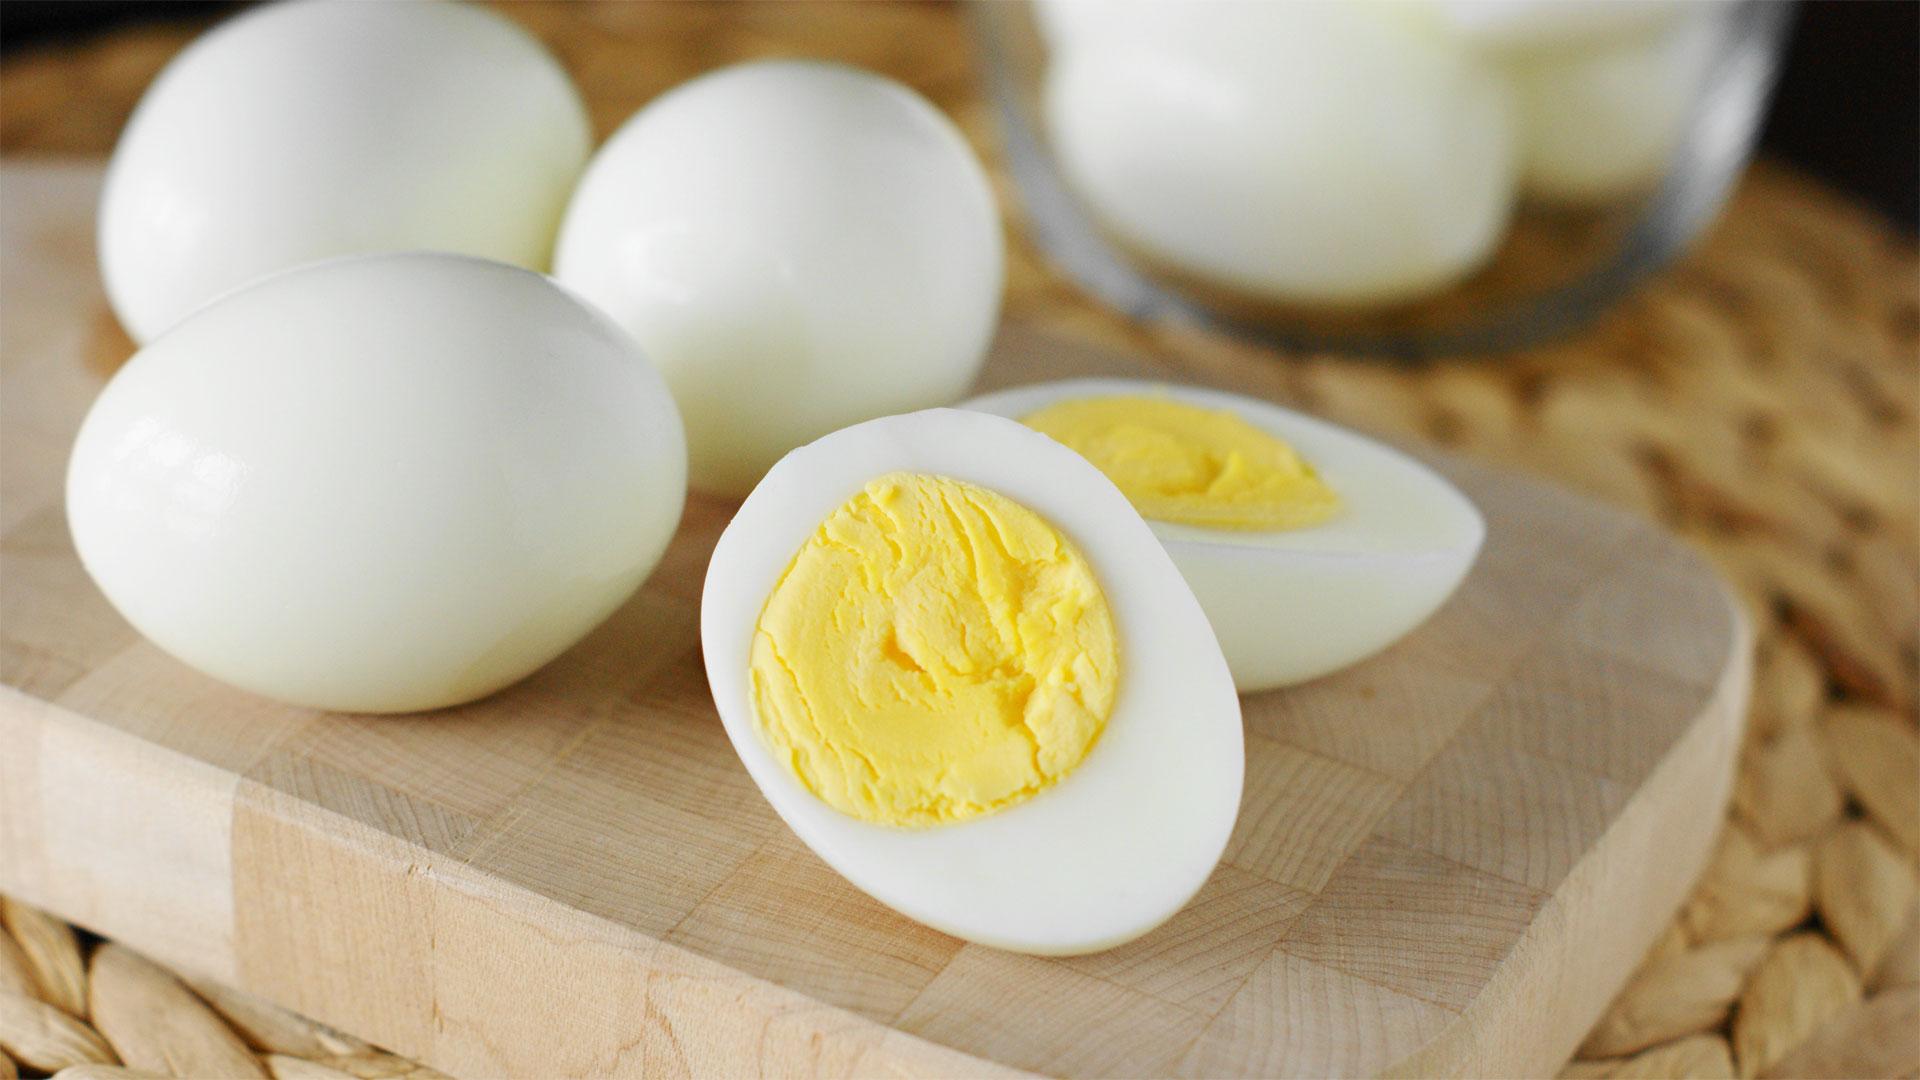 Cada yema de huevo contiene 186 mg de colesterol, y más de 300 mg diarios perjudican la salud.